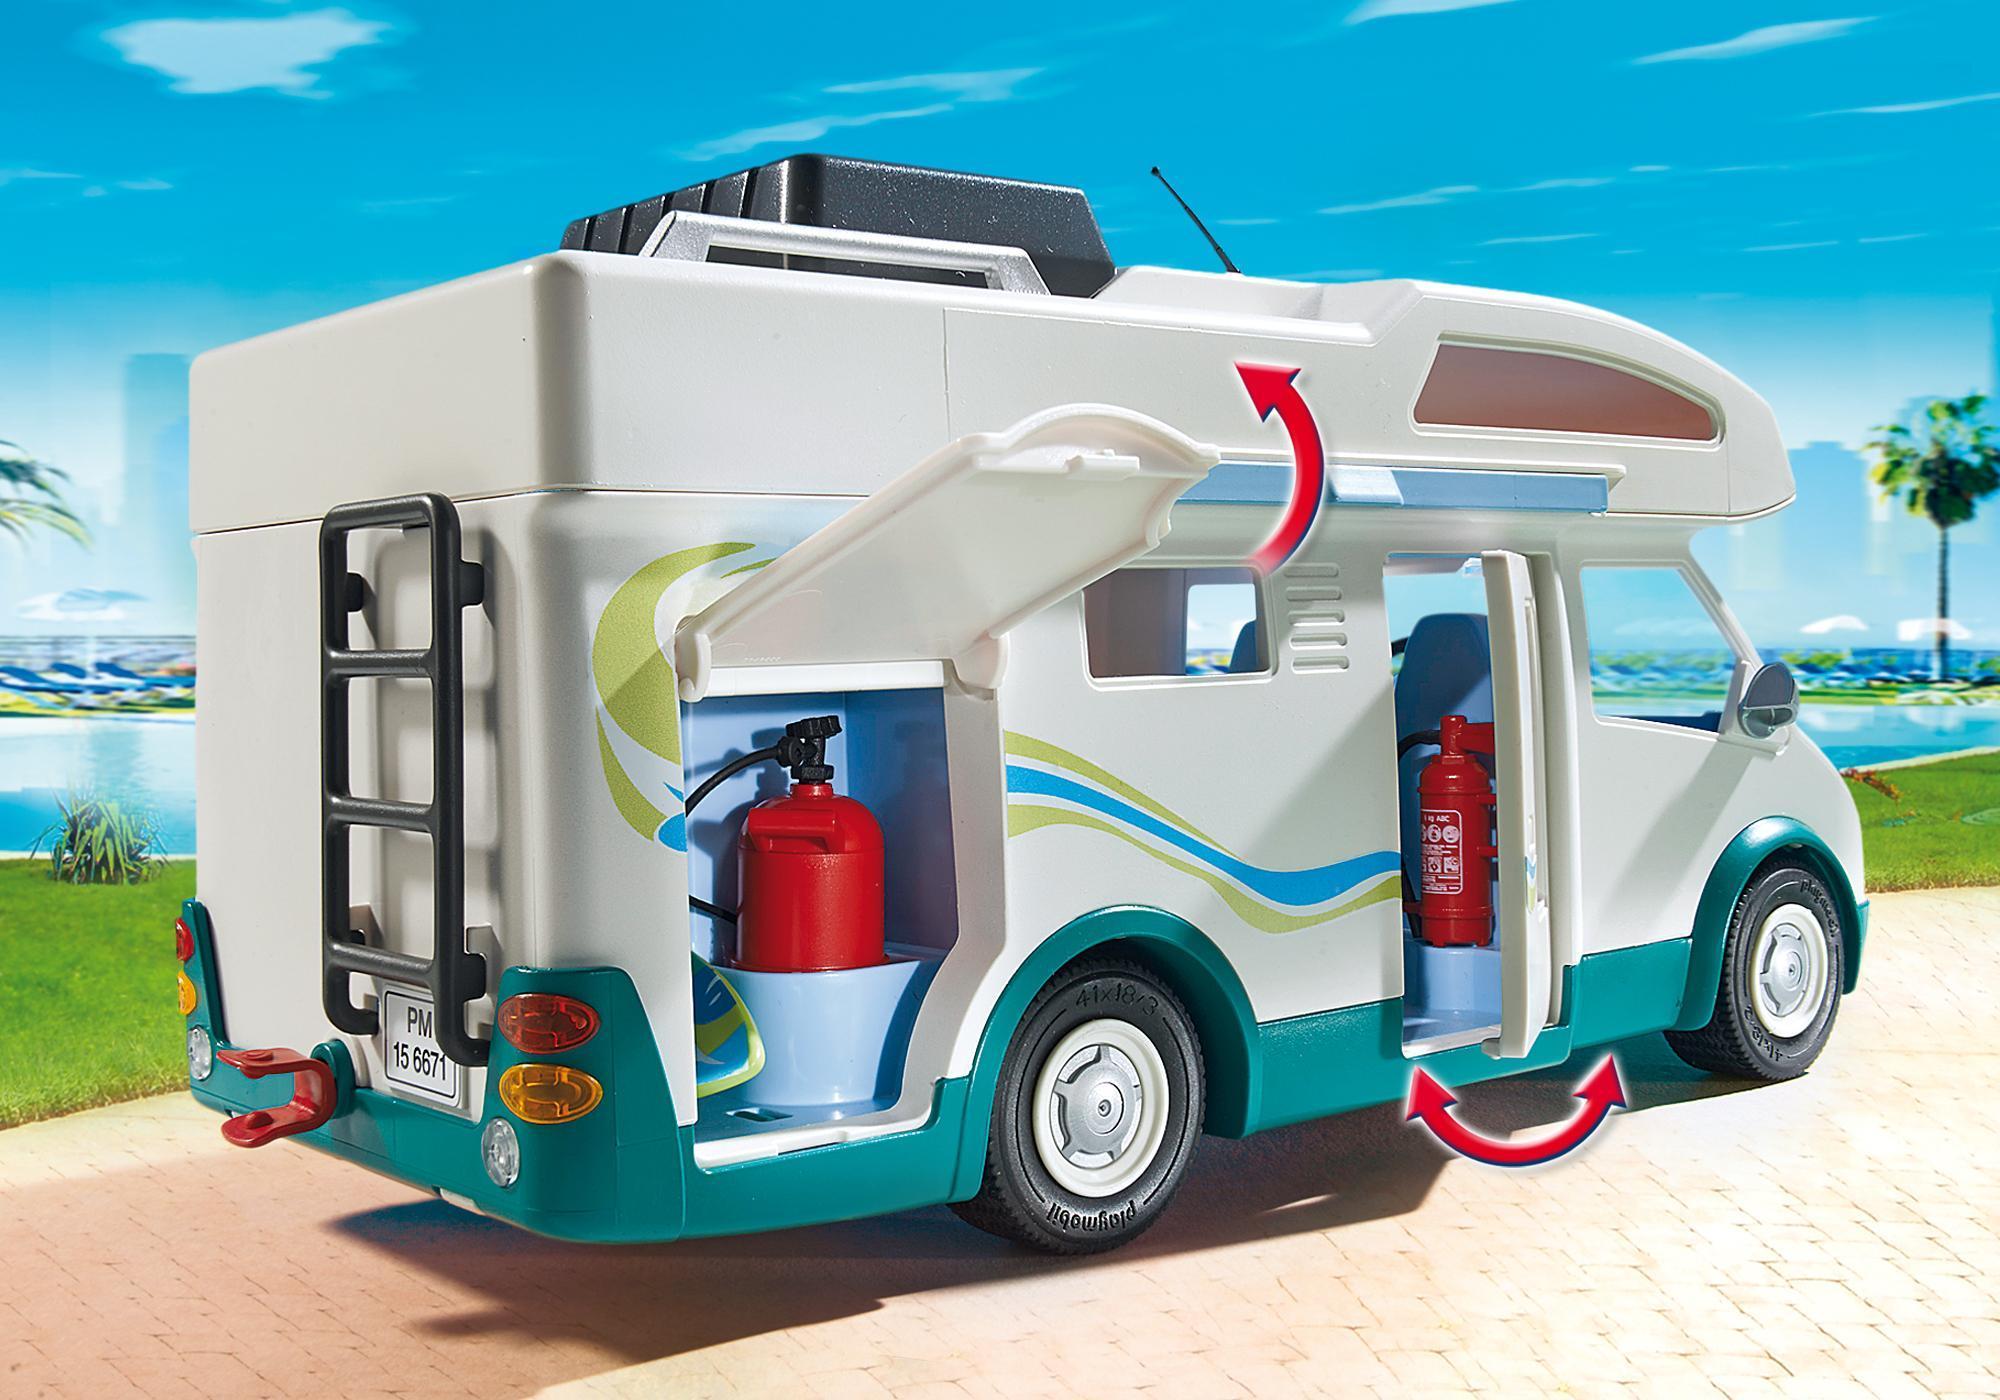 http://media.playmobil.com/i/playmobil/6671_product_extra1/Caravana de Verão